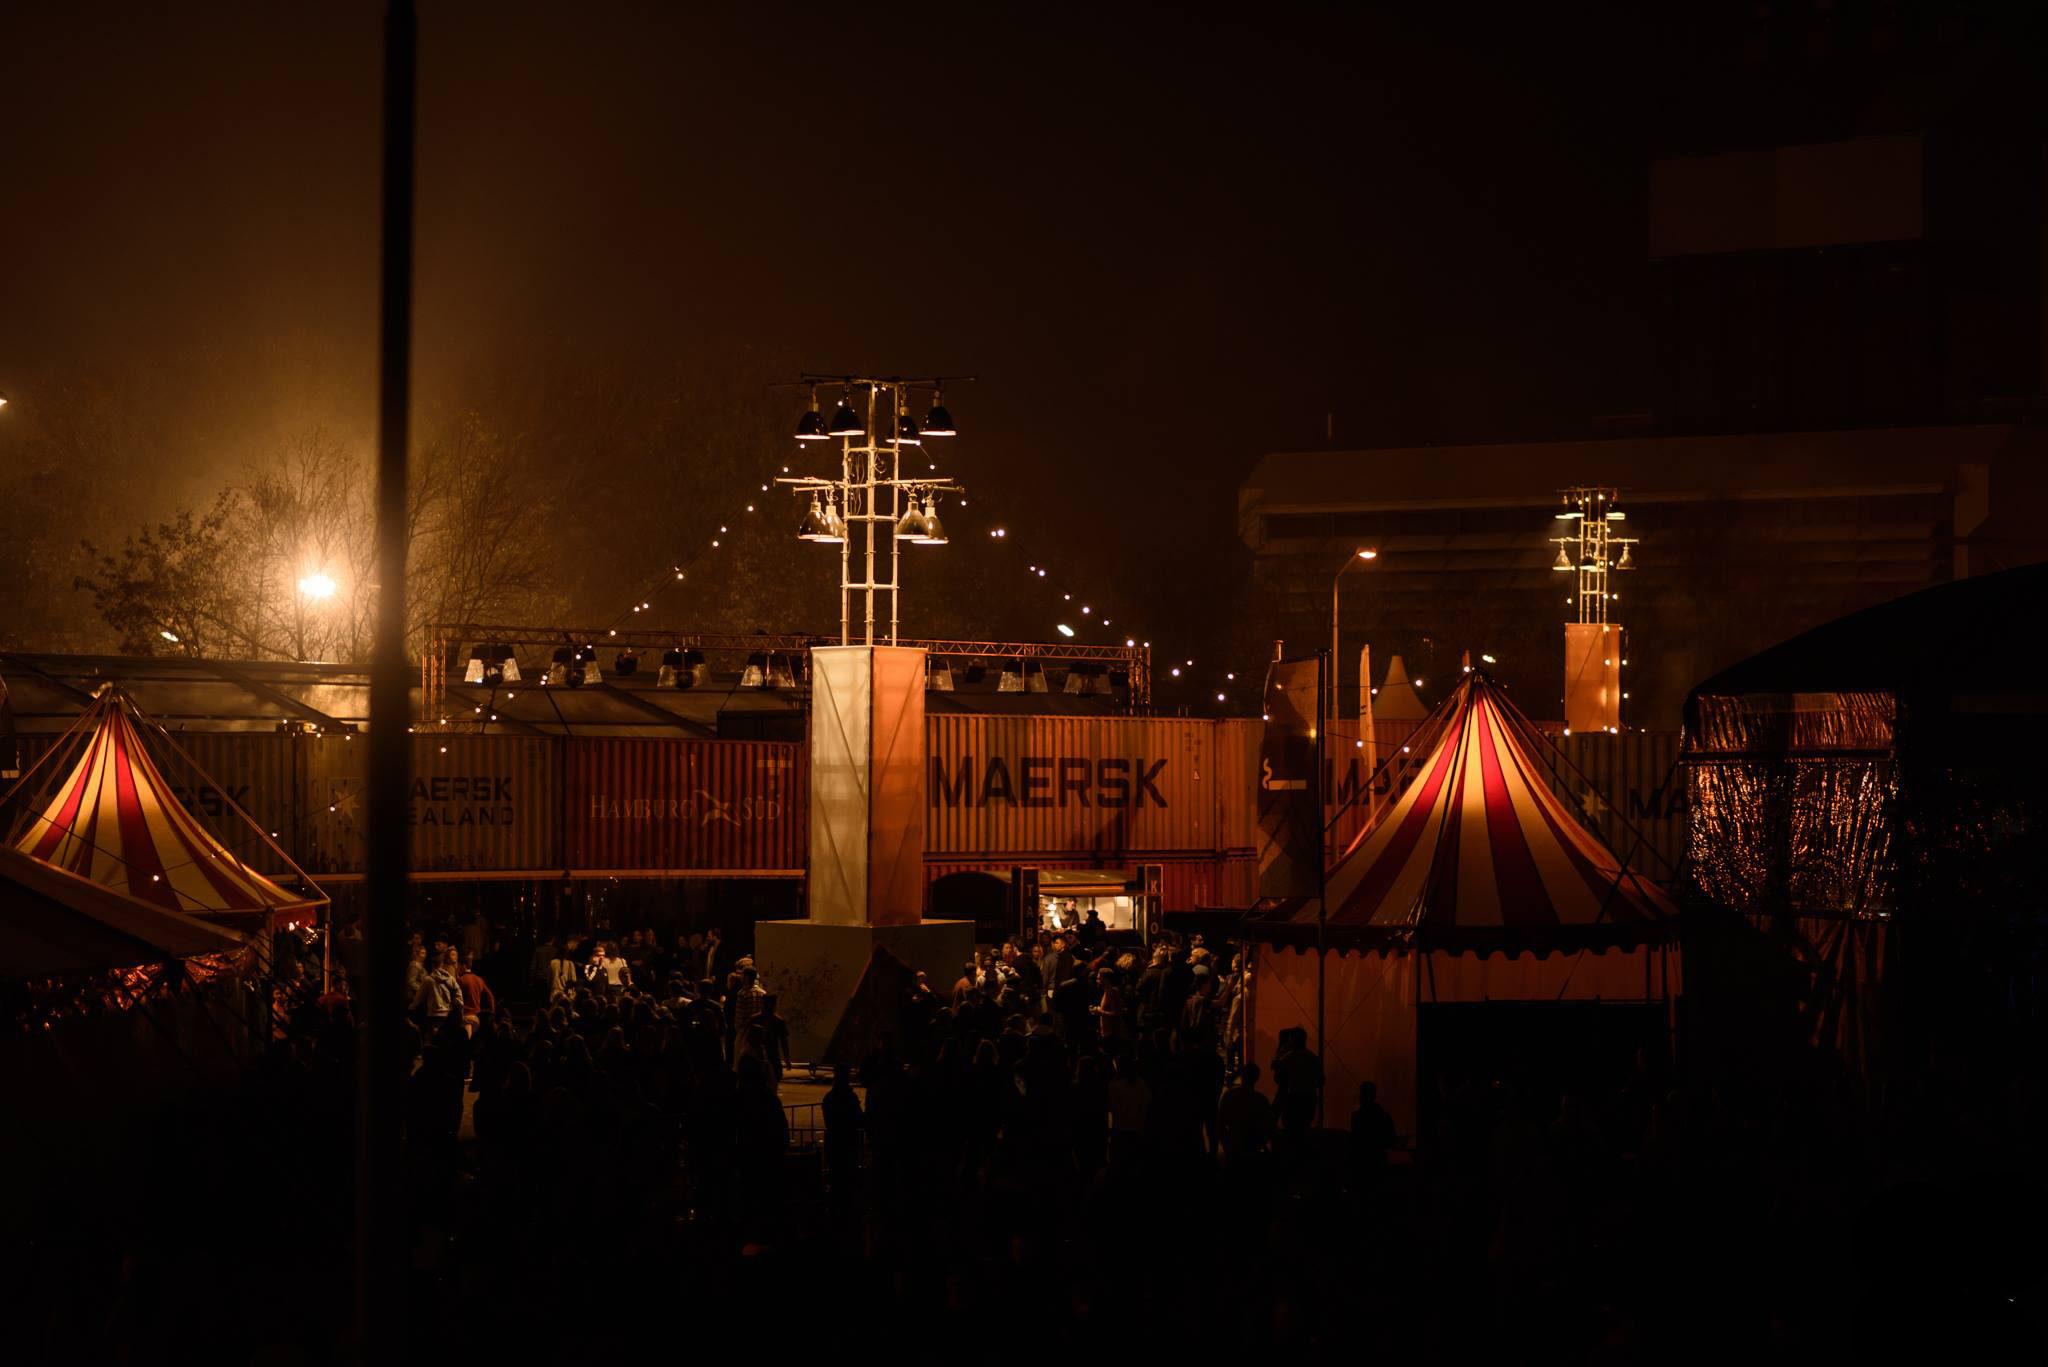 Herfstdrift 2018, Nijmegen by STEF. © Drift om te Dansen B.V.